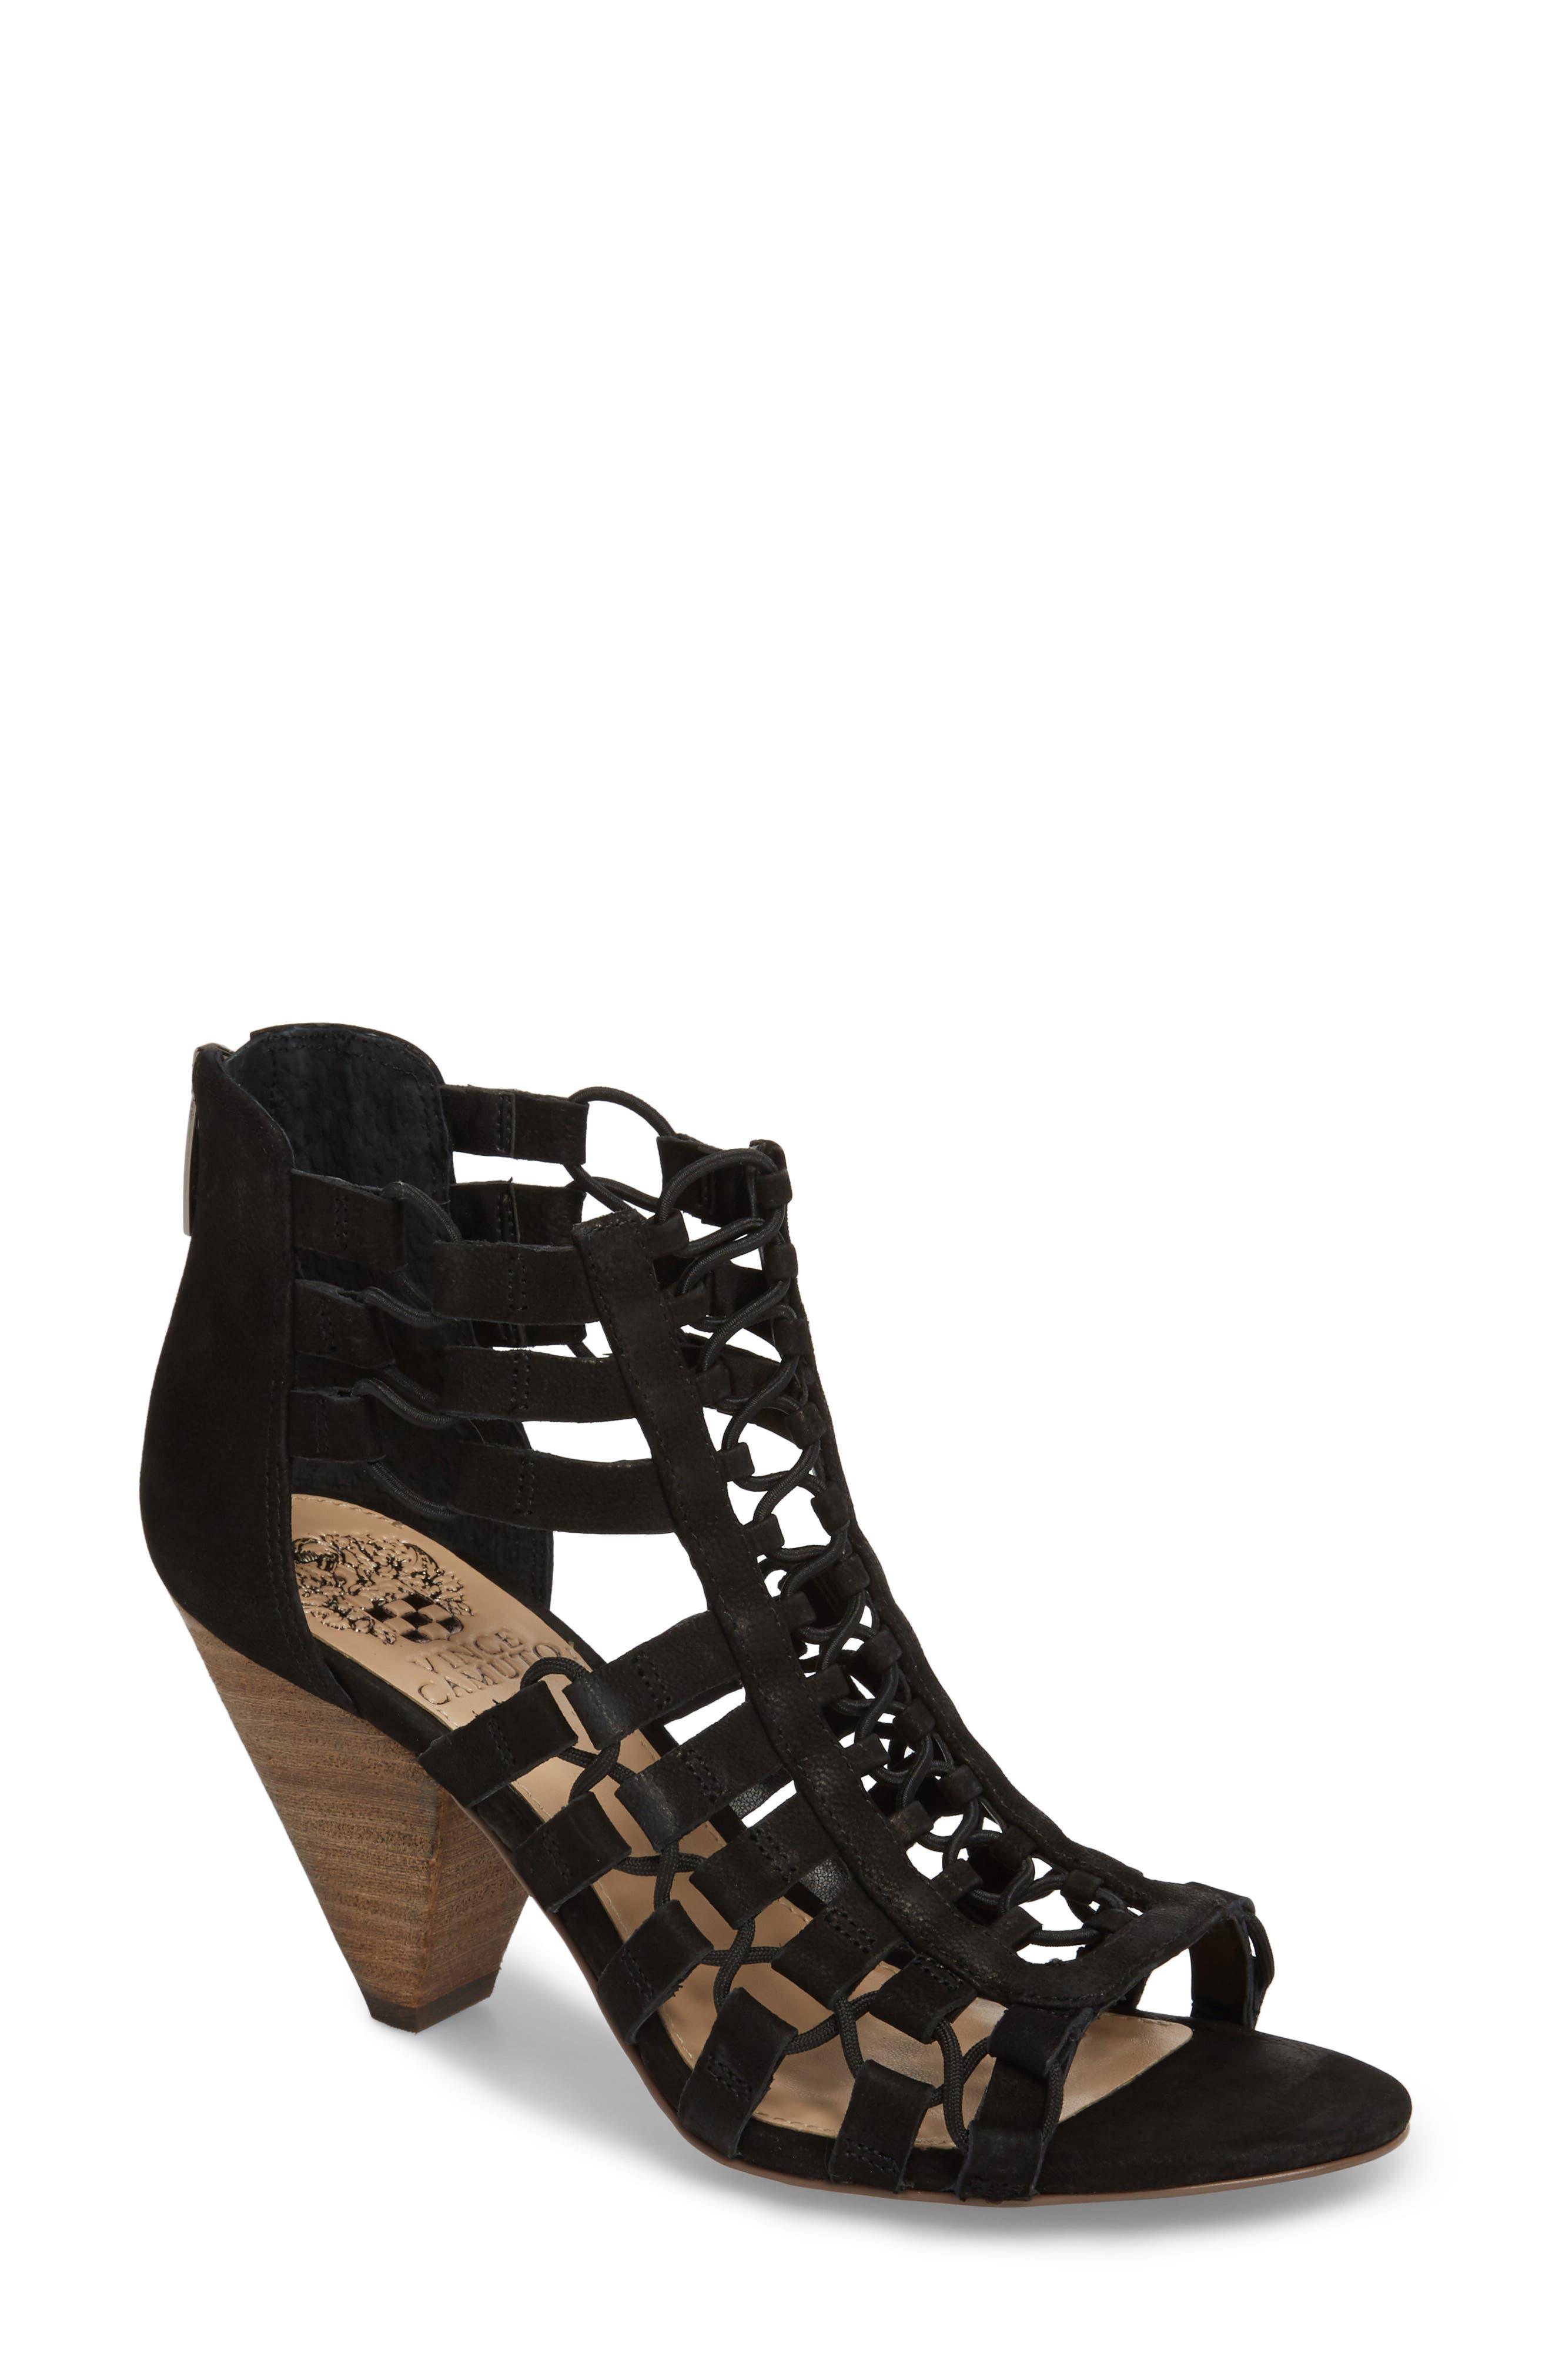 Elanso Sandal,                             Main thumbnail 1, color,                             Black Leather